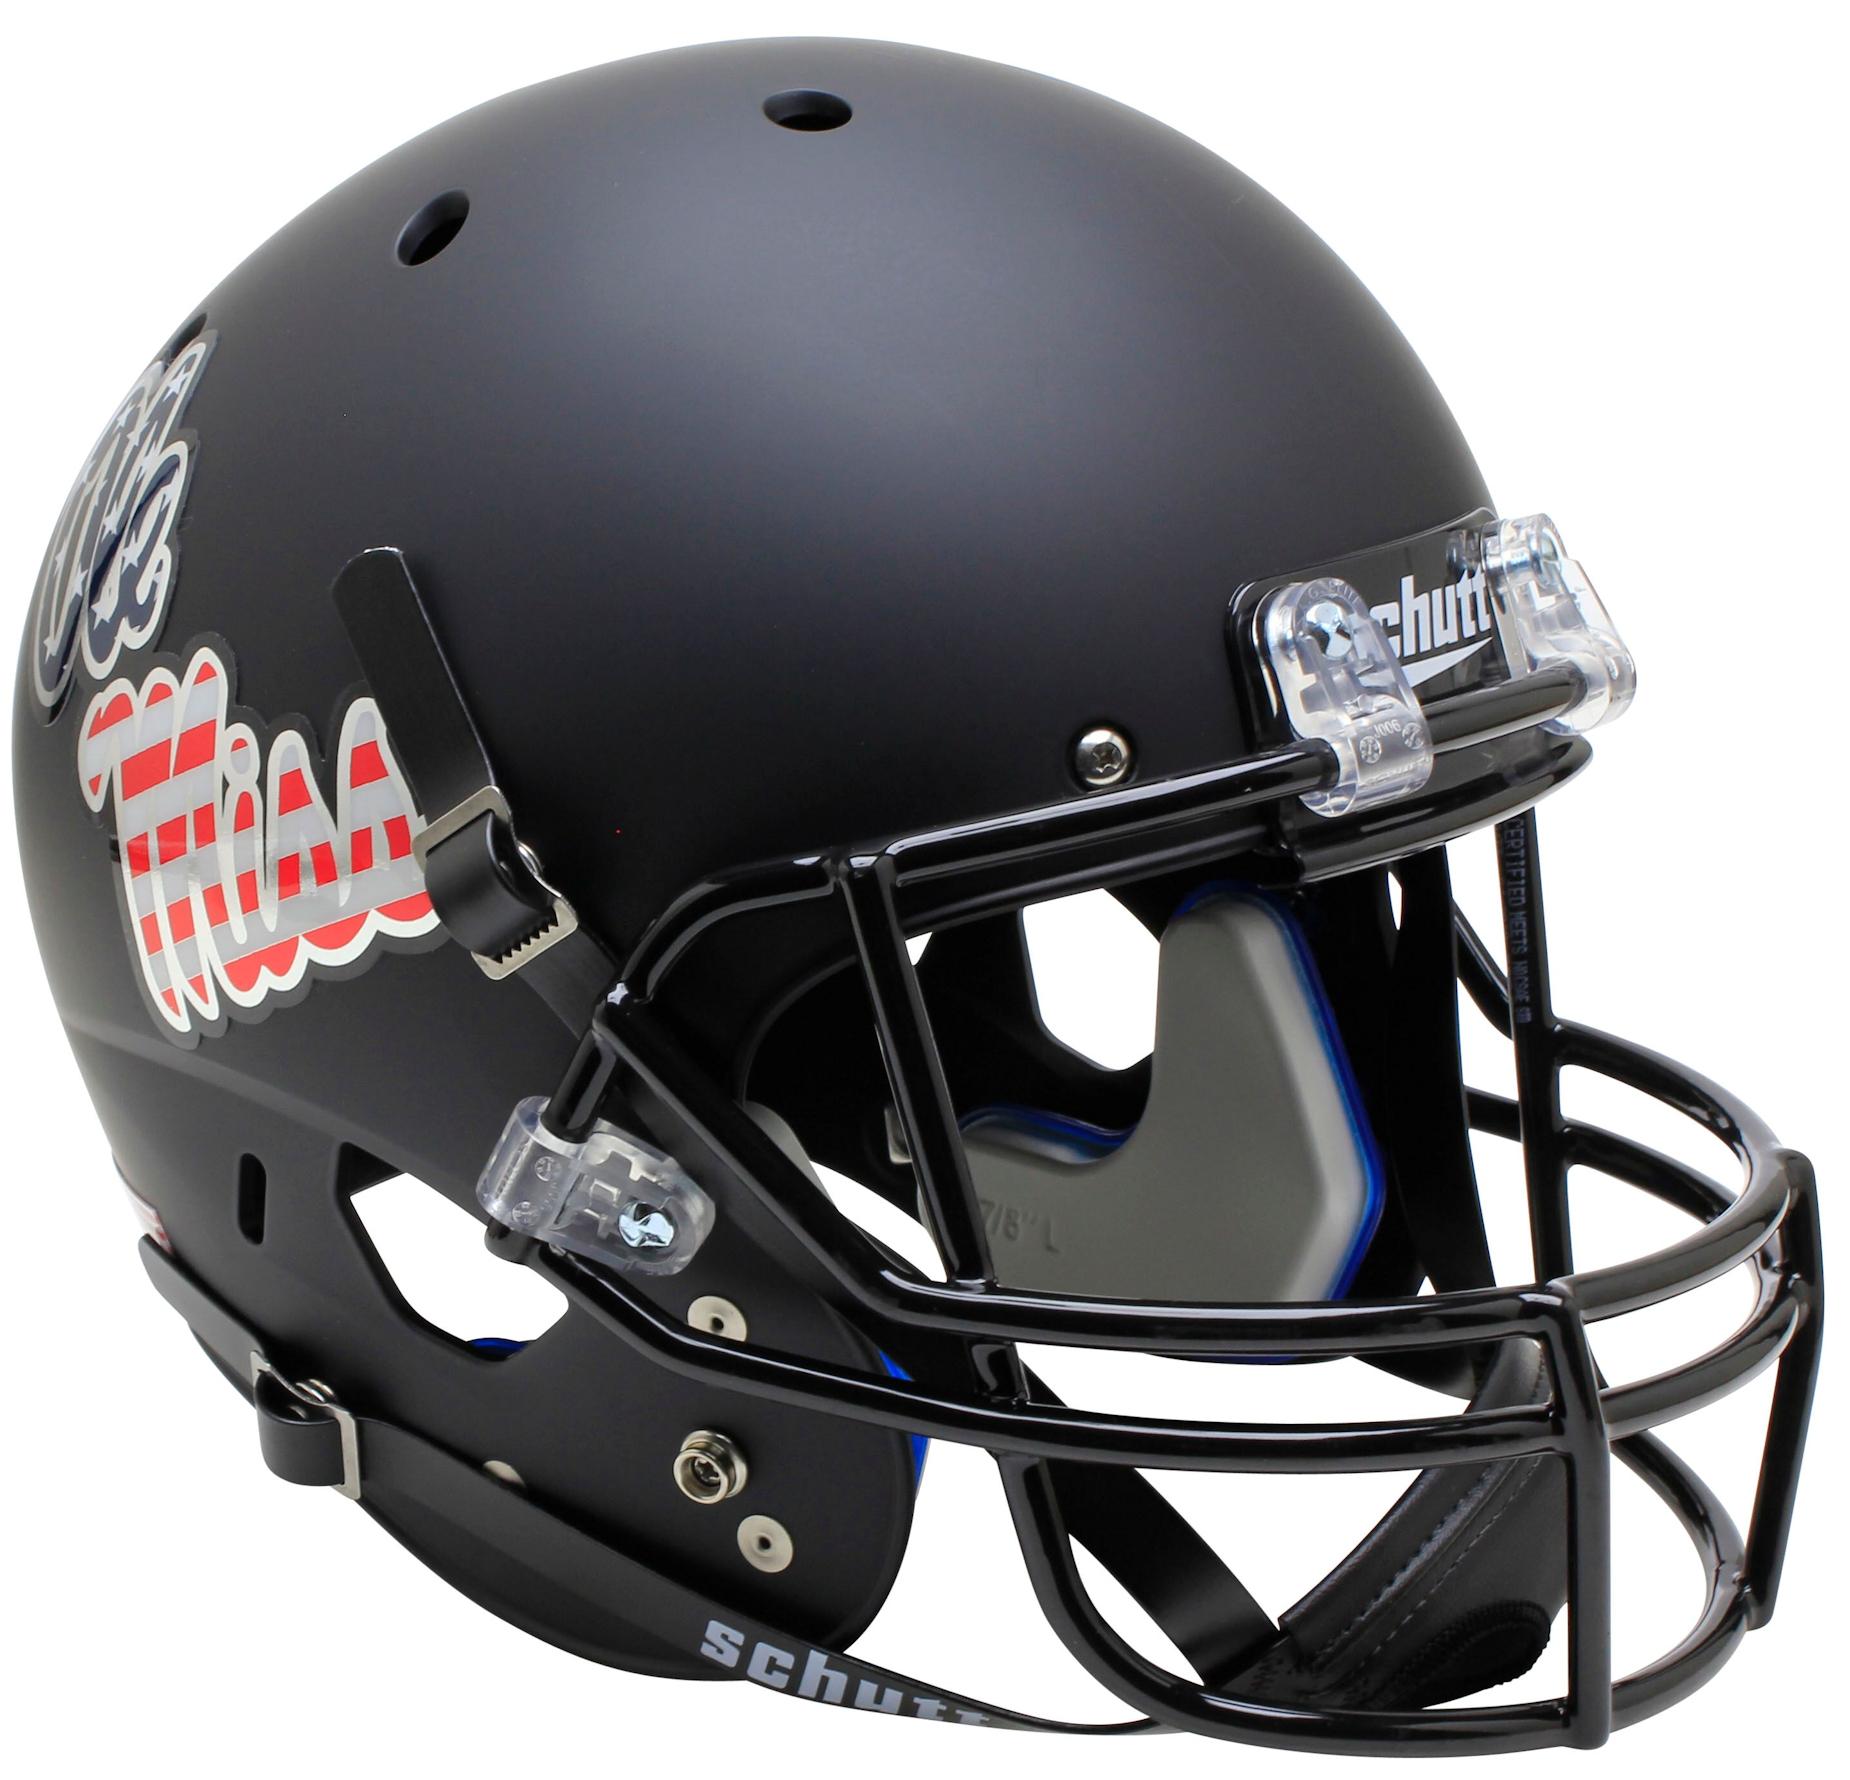 Mississippi (Ole Miss) Rebels Full XP Replica Football Helmet Schutt <B>Patriot Decal</B>